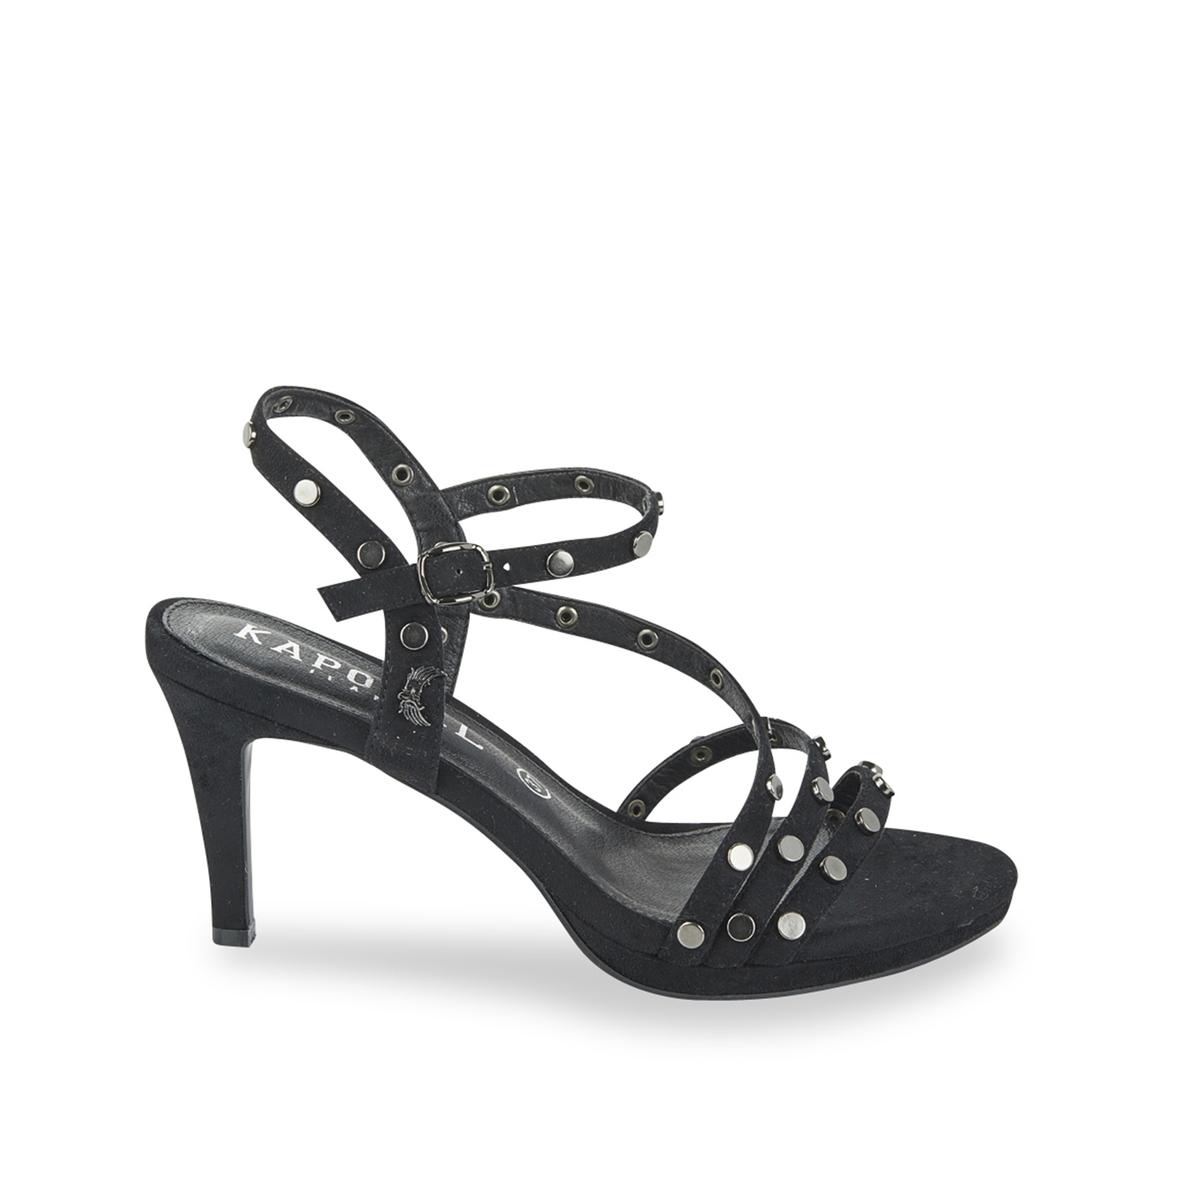 Туфли La Redoute Shirel Blk 40 черный ботинки мужские affex riga цвет черный 61 rig blk m размер 40